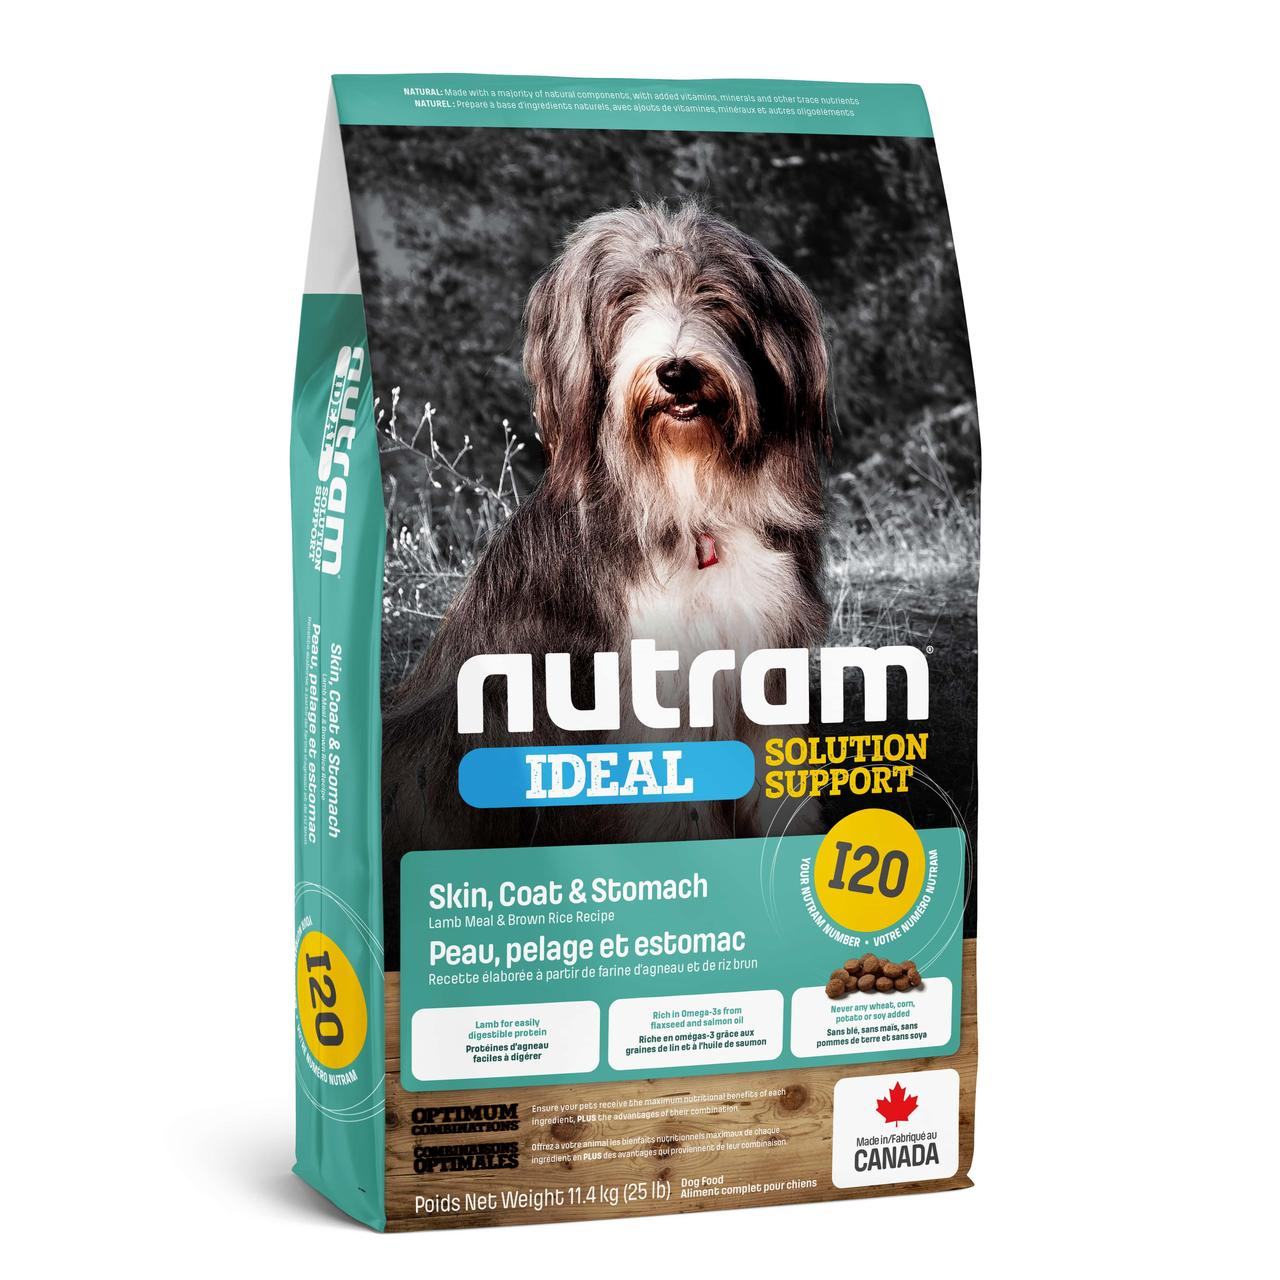 НУТРАМ I20 Nutram Ideal с ягненком и рисом корм для взрослых собак с проблемами кожи, шерсти, желудка, 11,4 кг